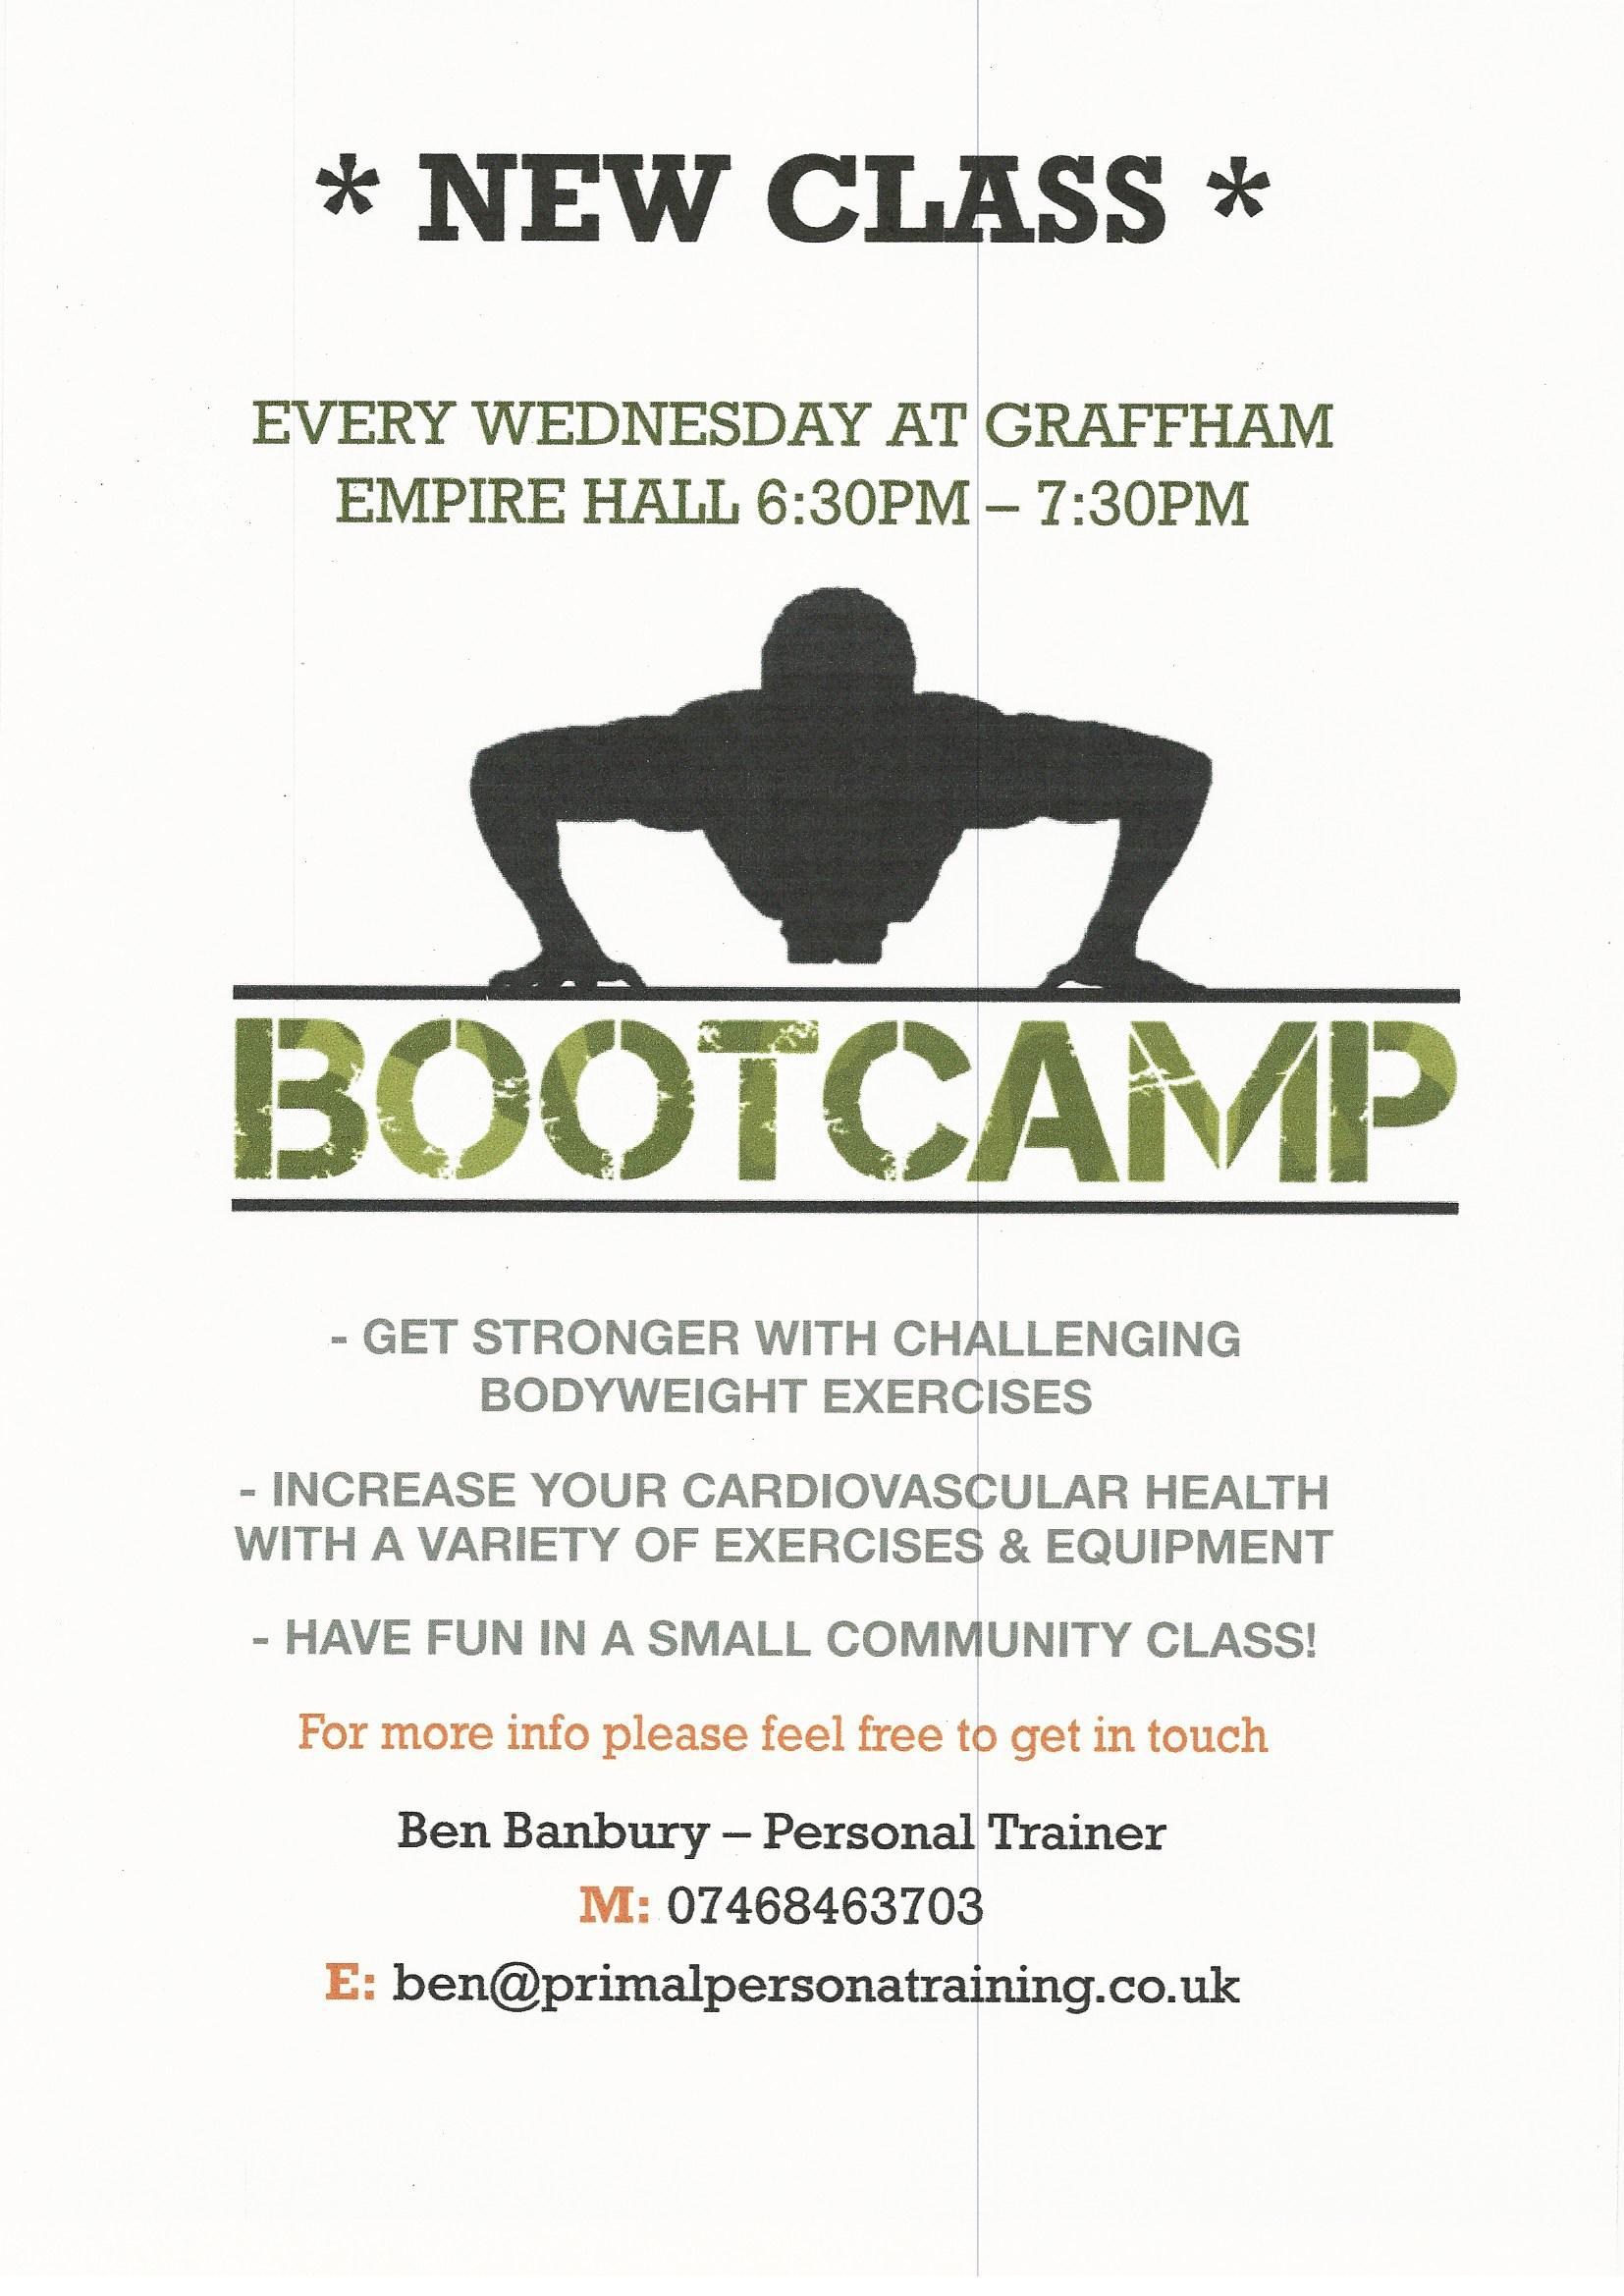 Bootcamp in Graffham